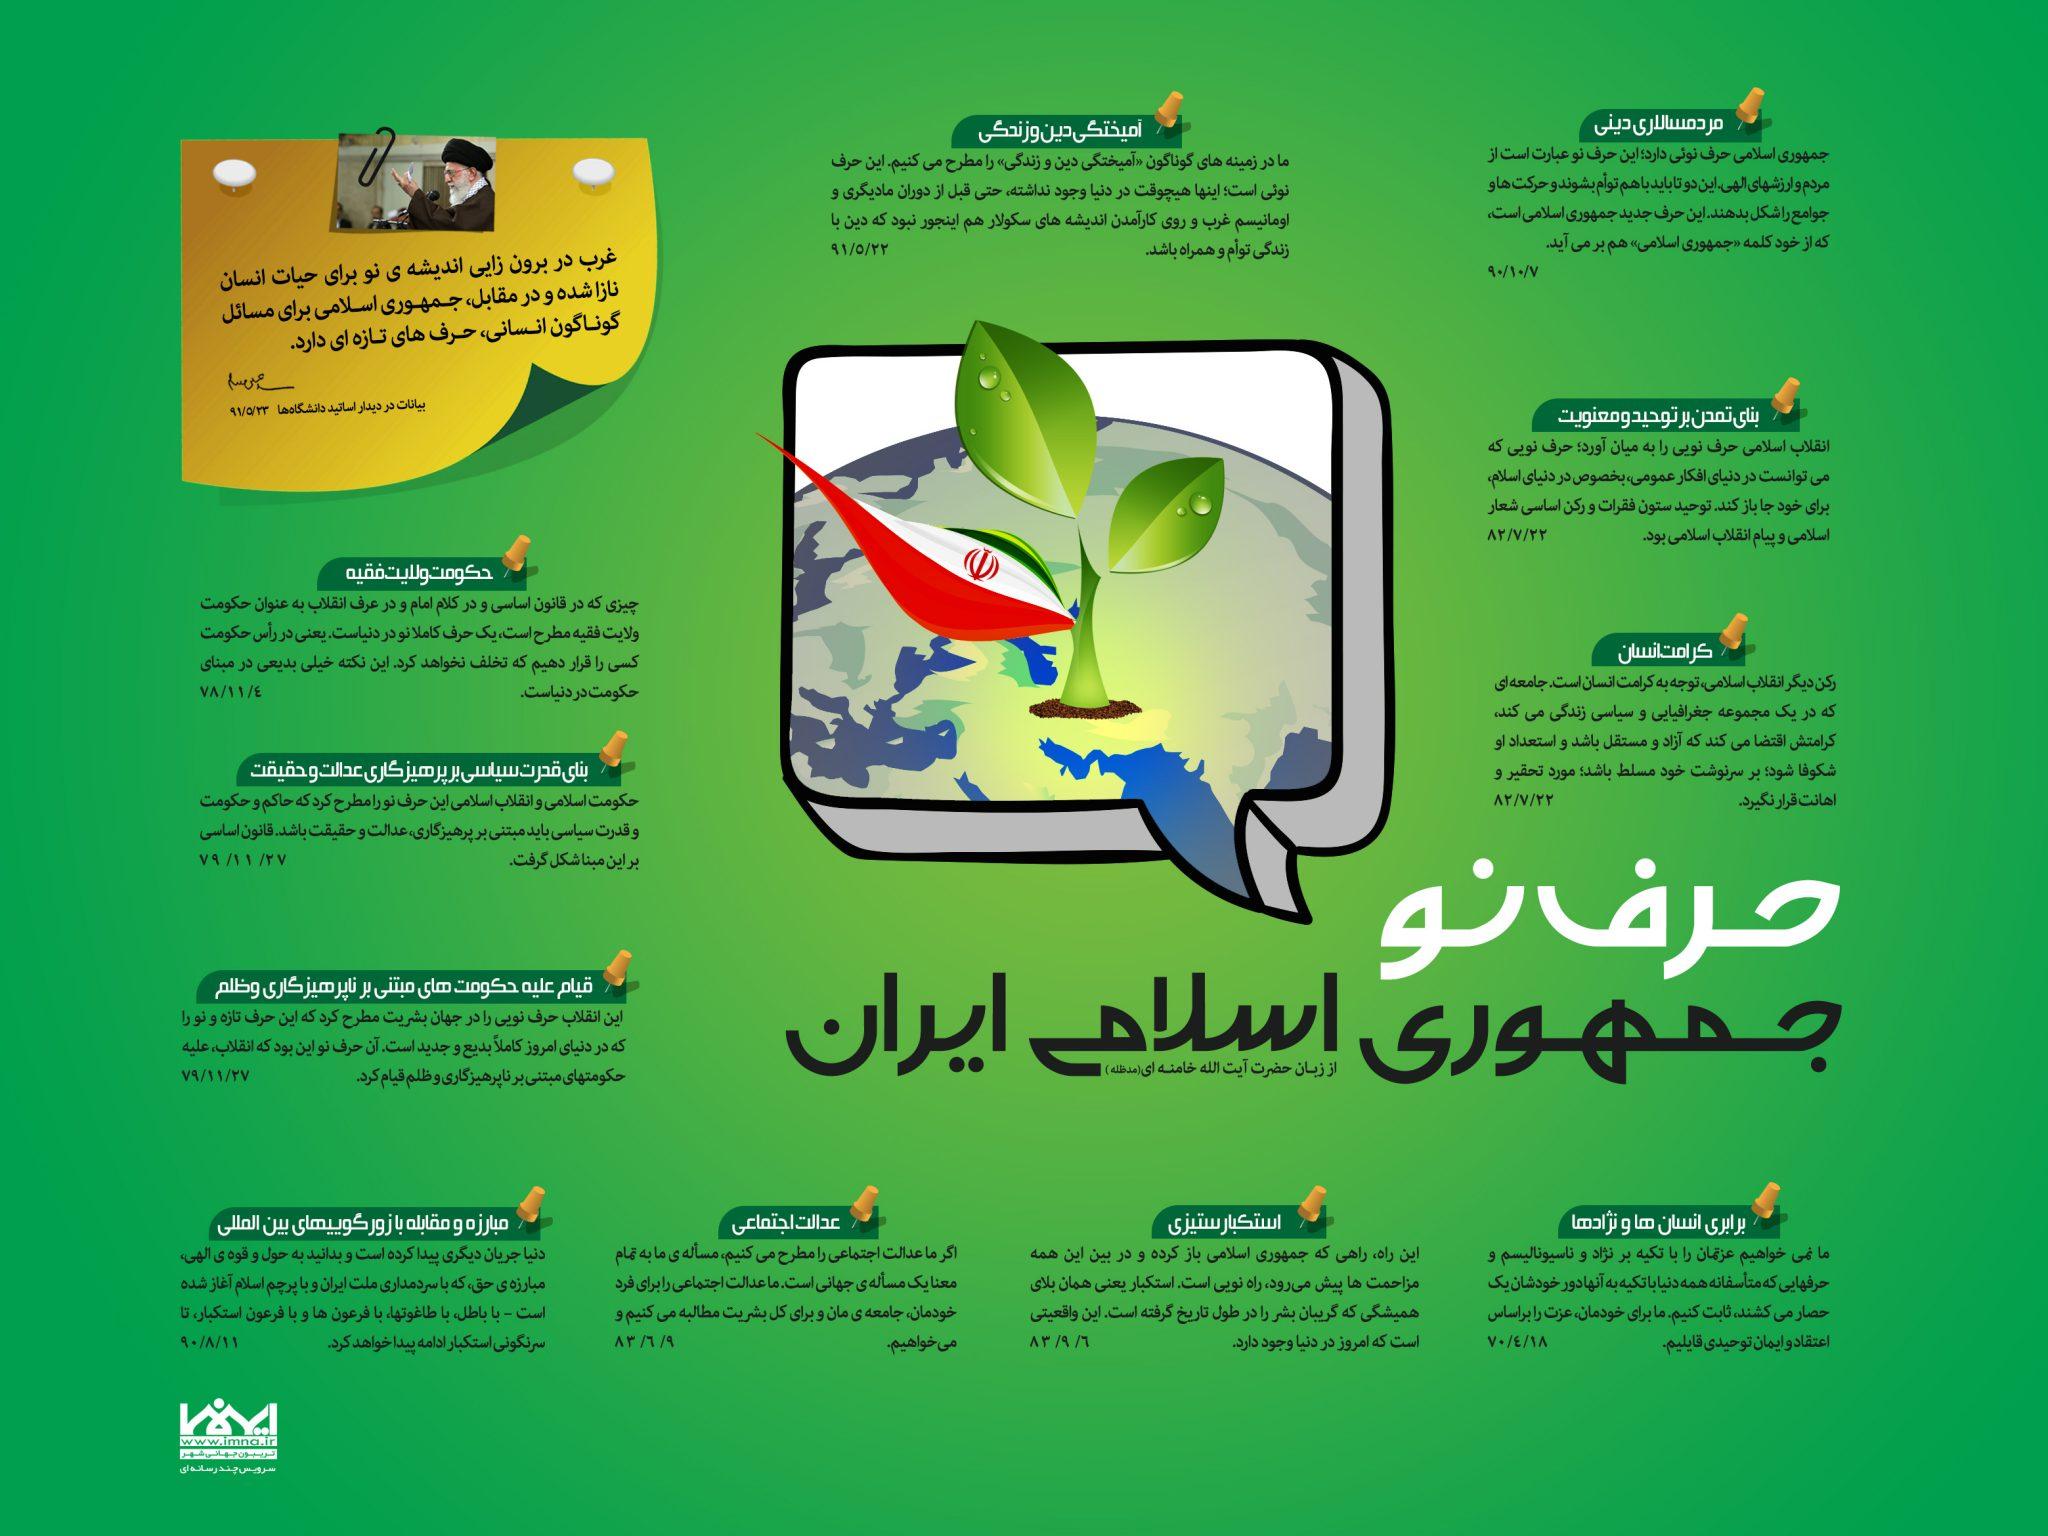 اینفوگرافیک حرف نو جمهوری اسلامی ایران